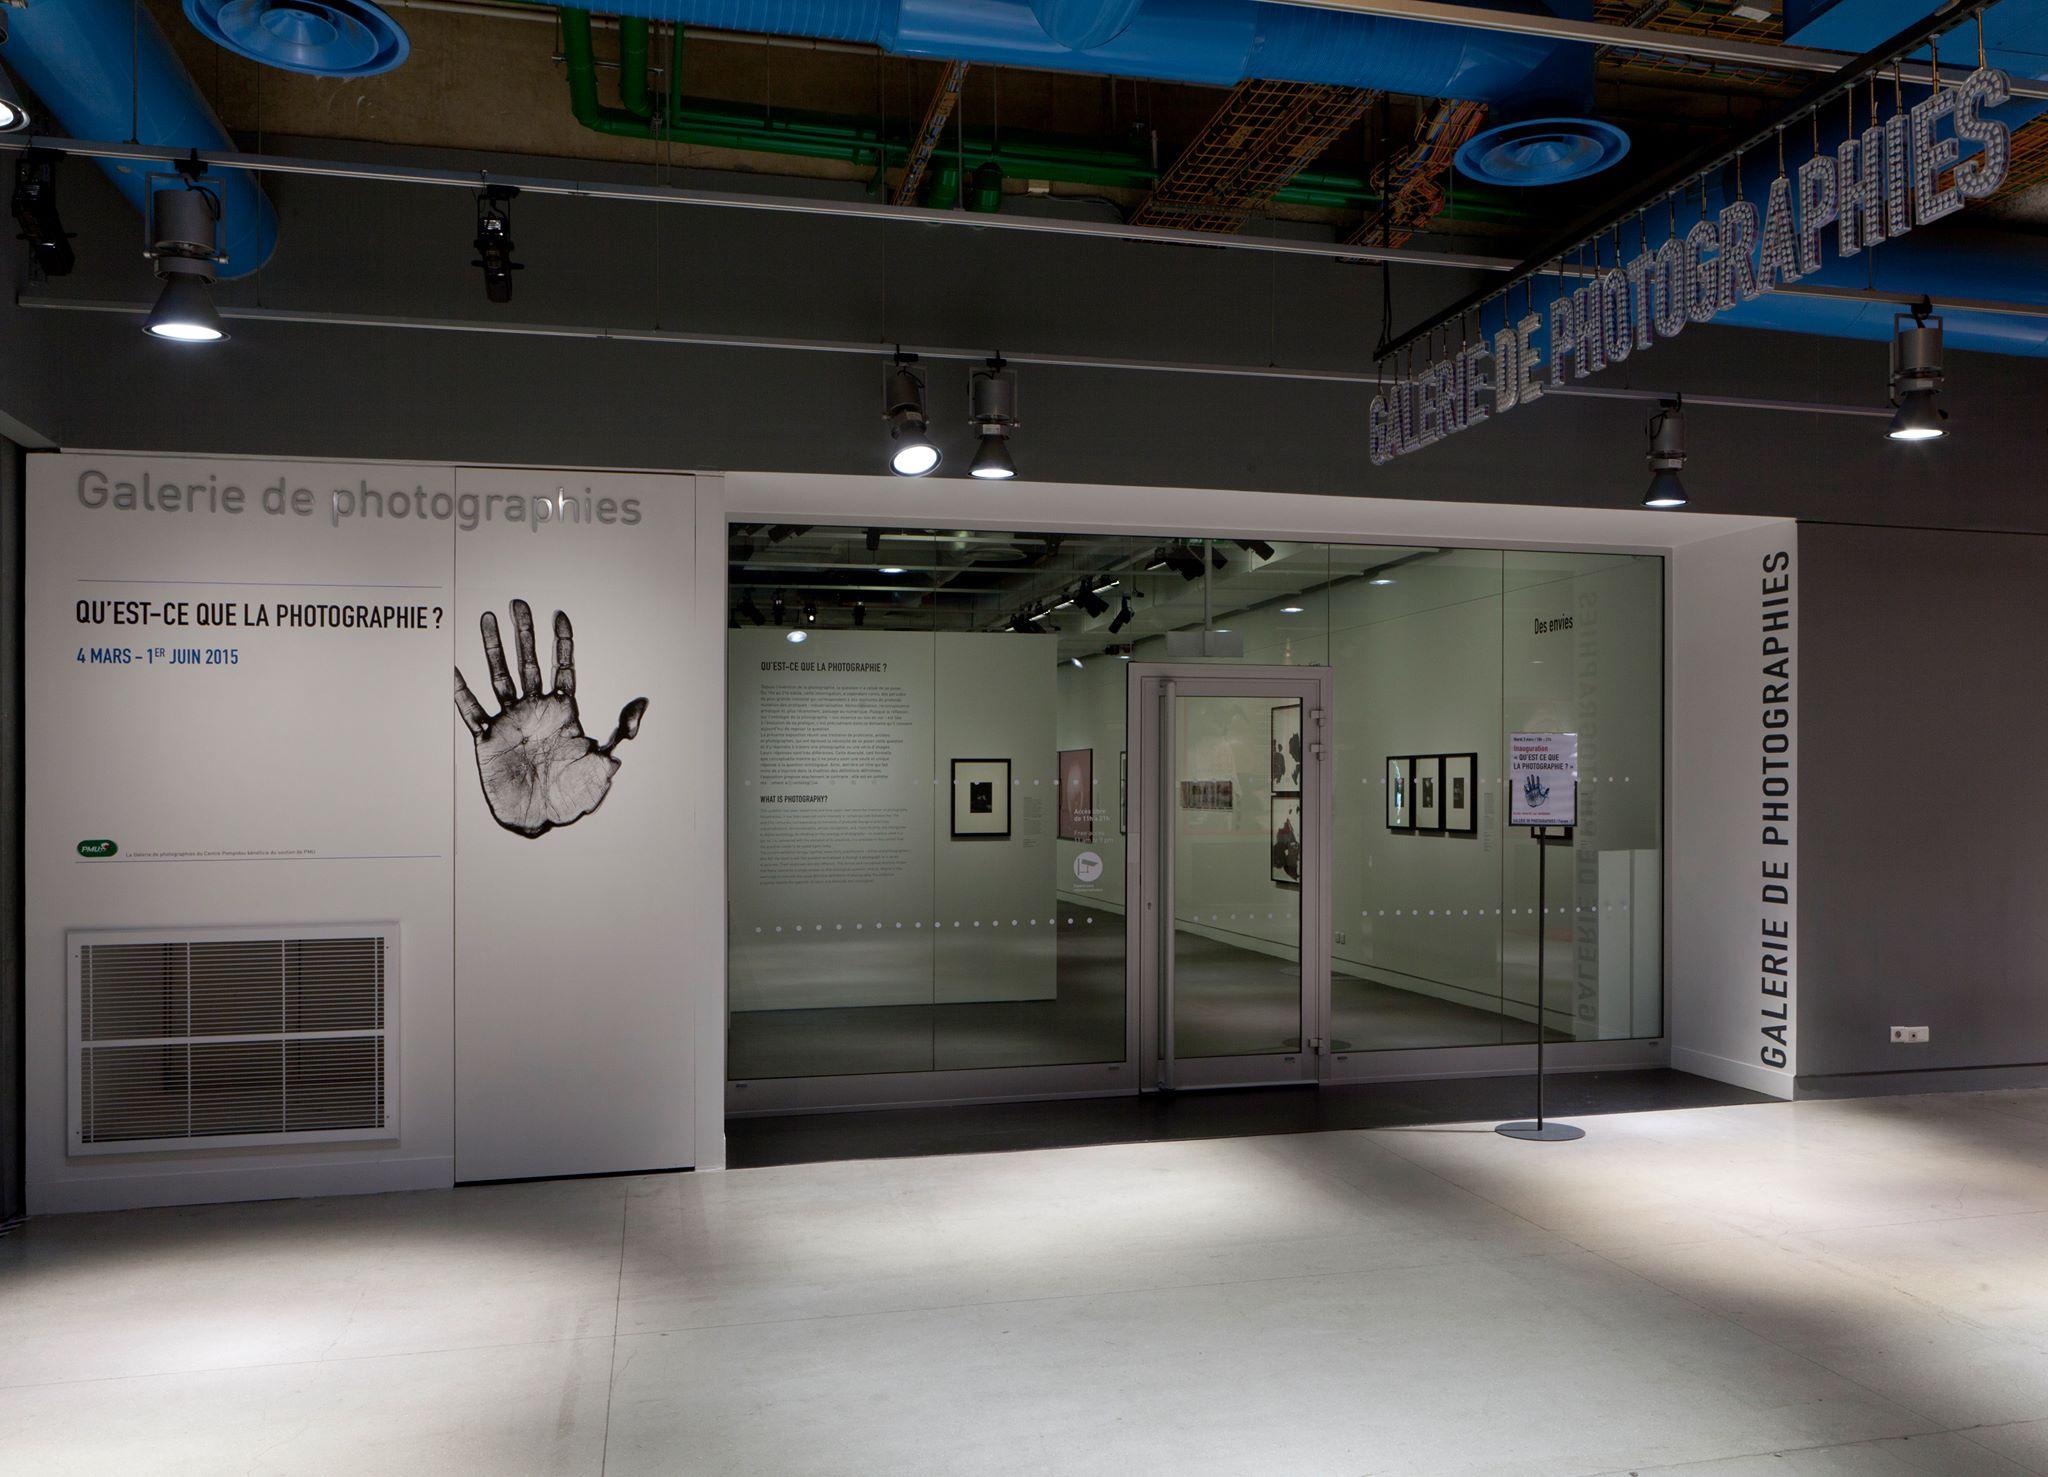 GaleriePhotographies